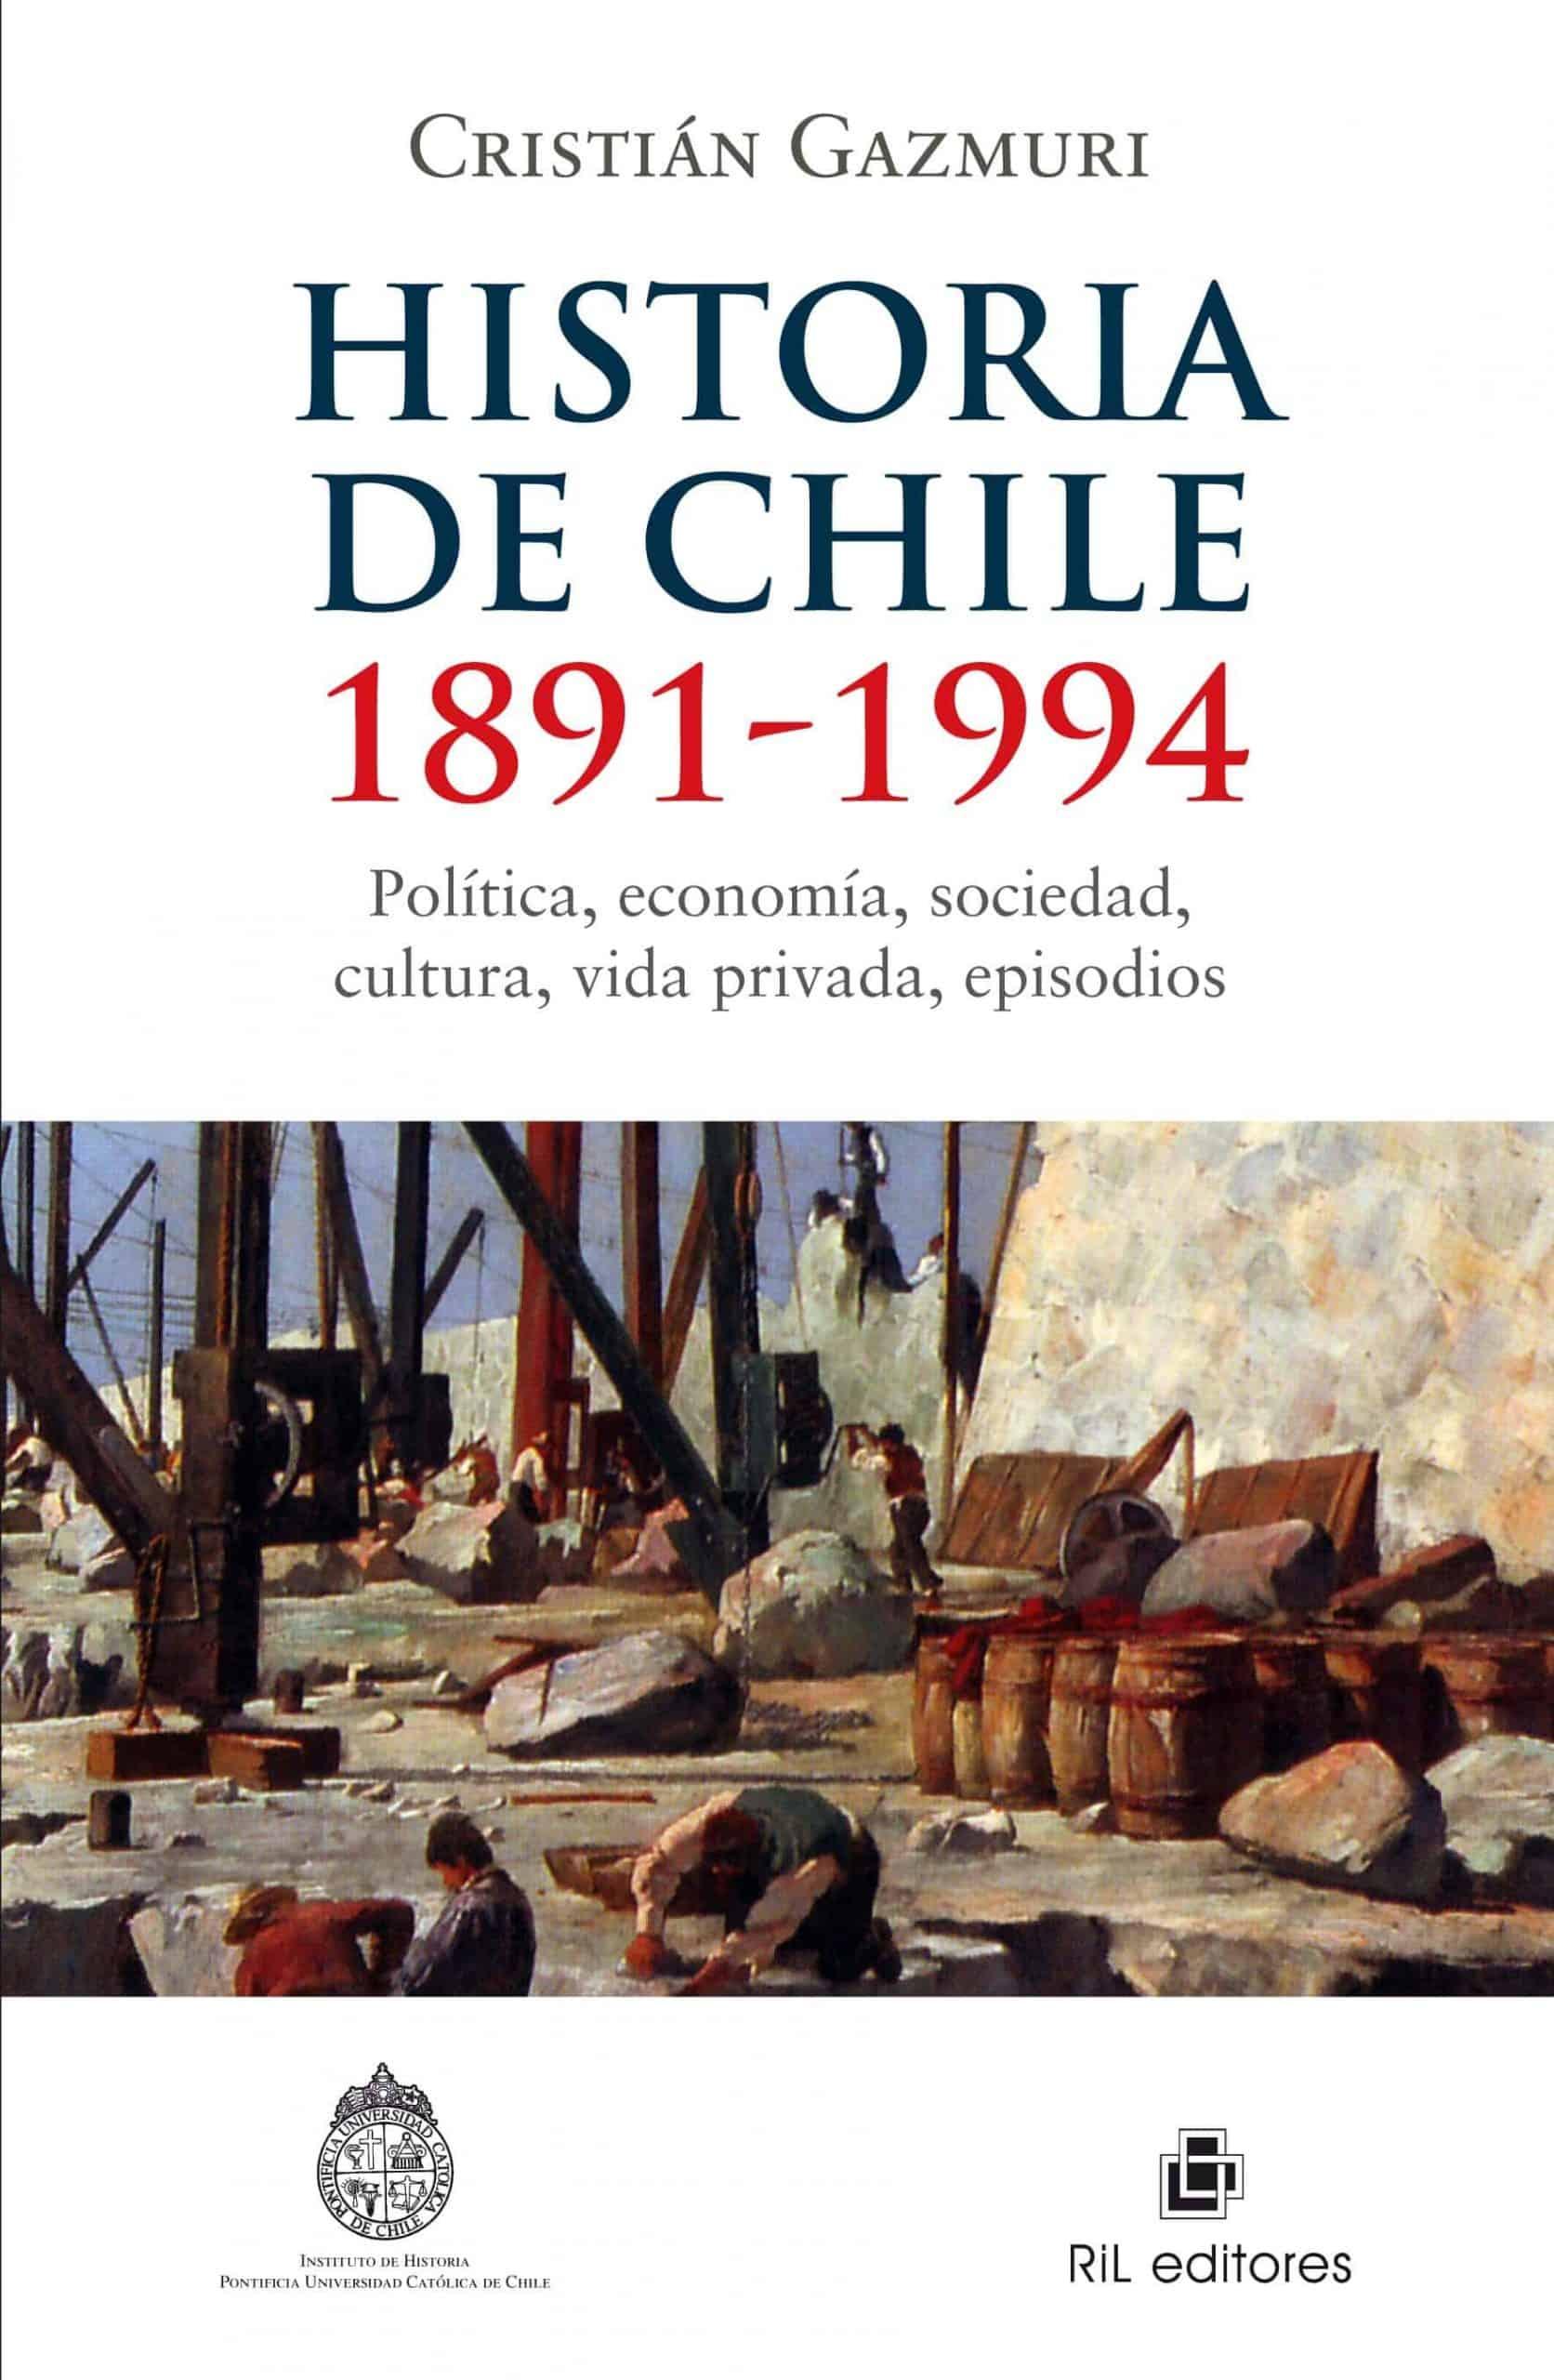 Historia de Chile: 1891-1994: política, economía, sociedad, cultura, vida privada, episodios 1